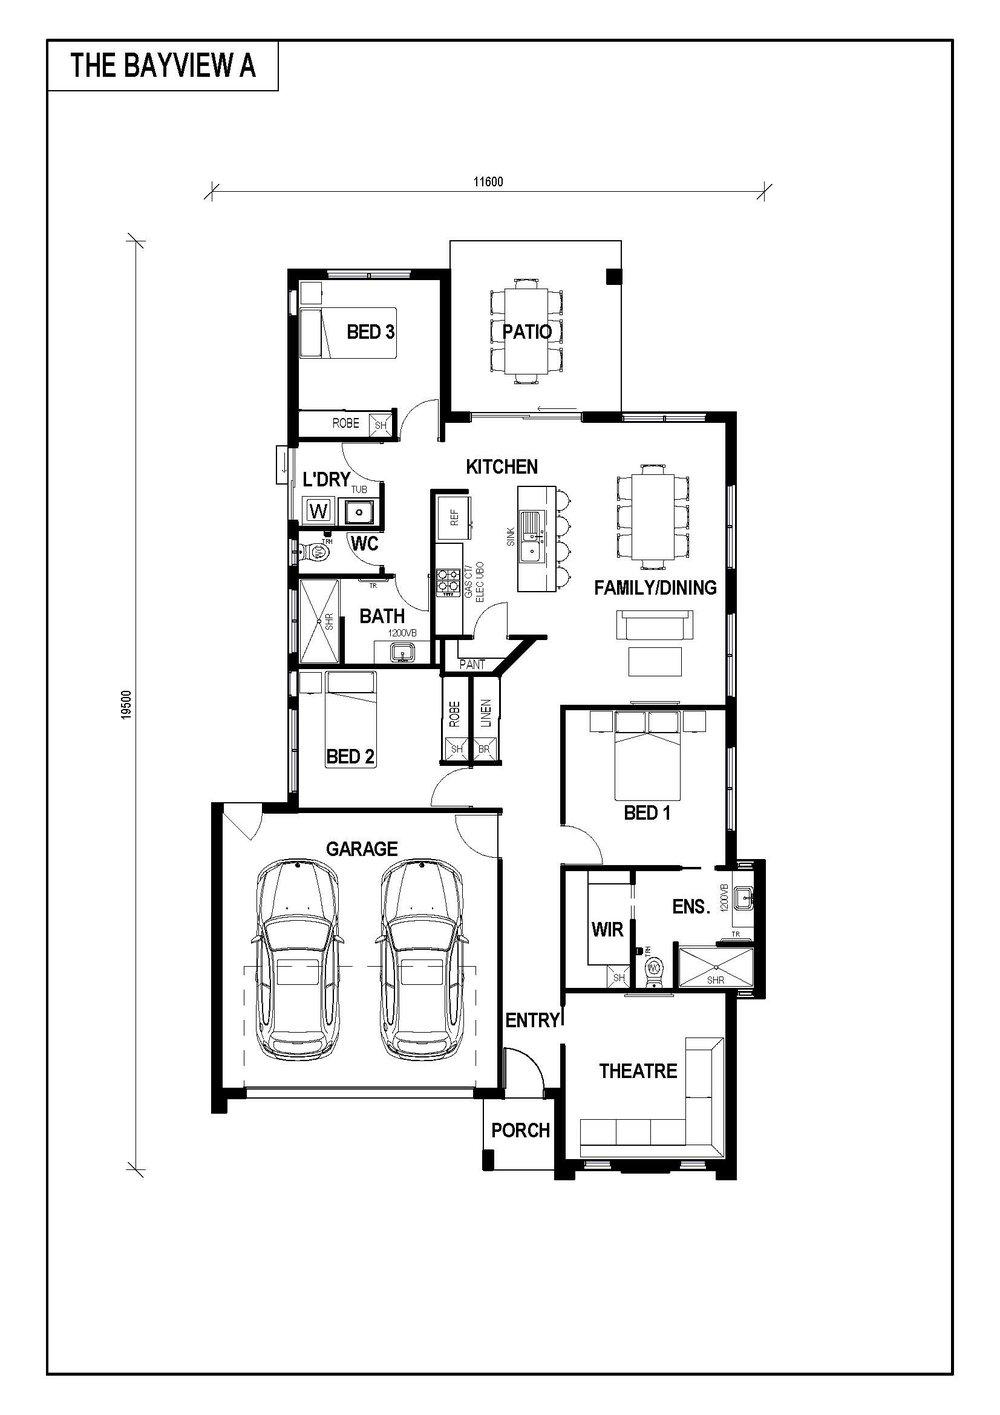 BAYVIEW A - Floor Plan.jpg